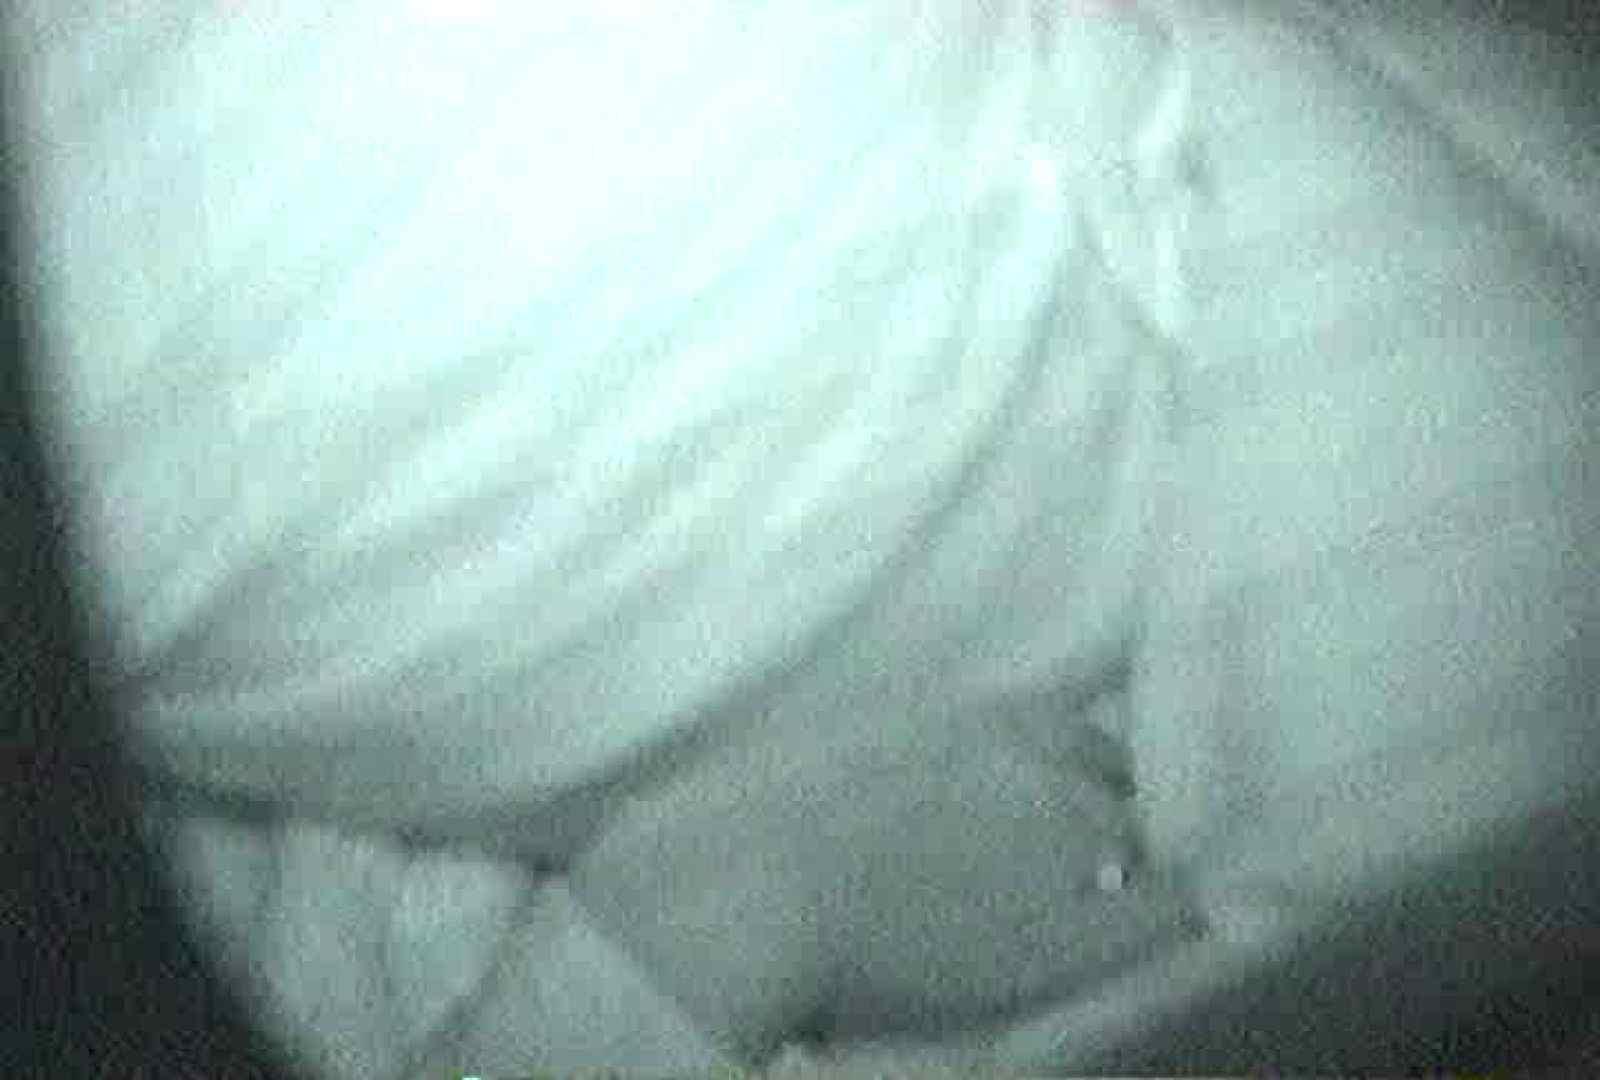 充血監督の深夜の運動会Vol.48 アナル無修正 すけべAV動画紹介 95pic 23